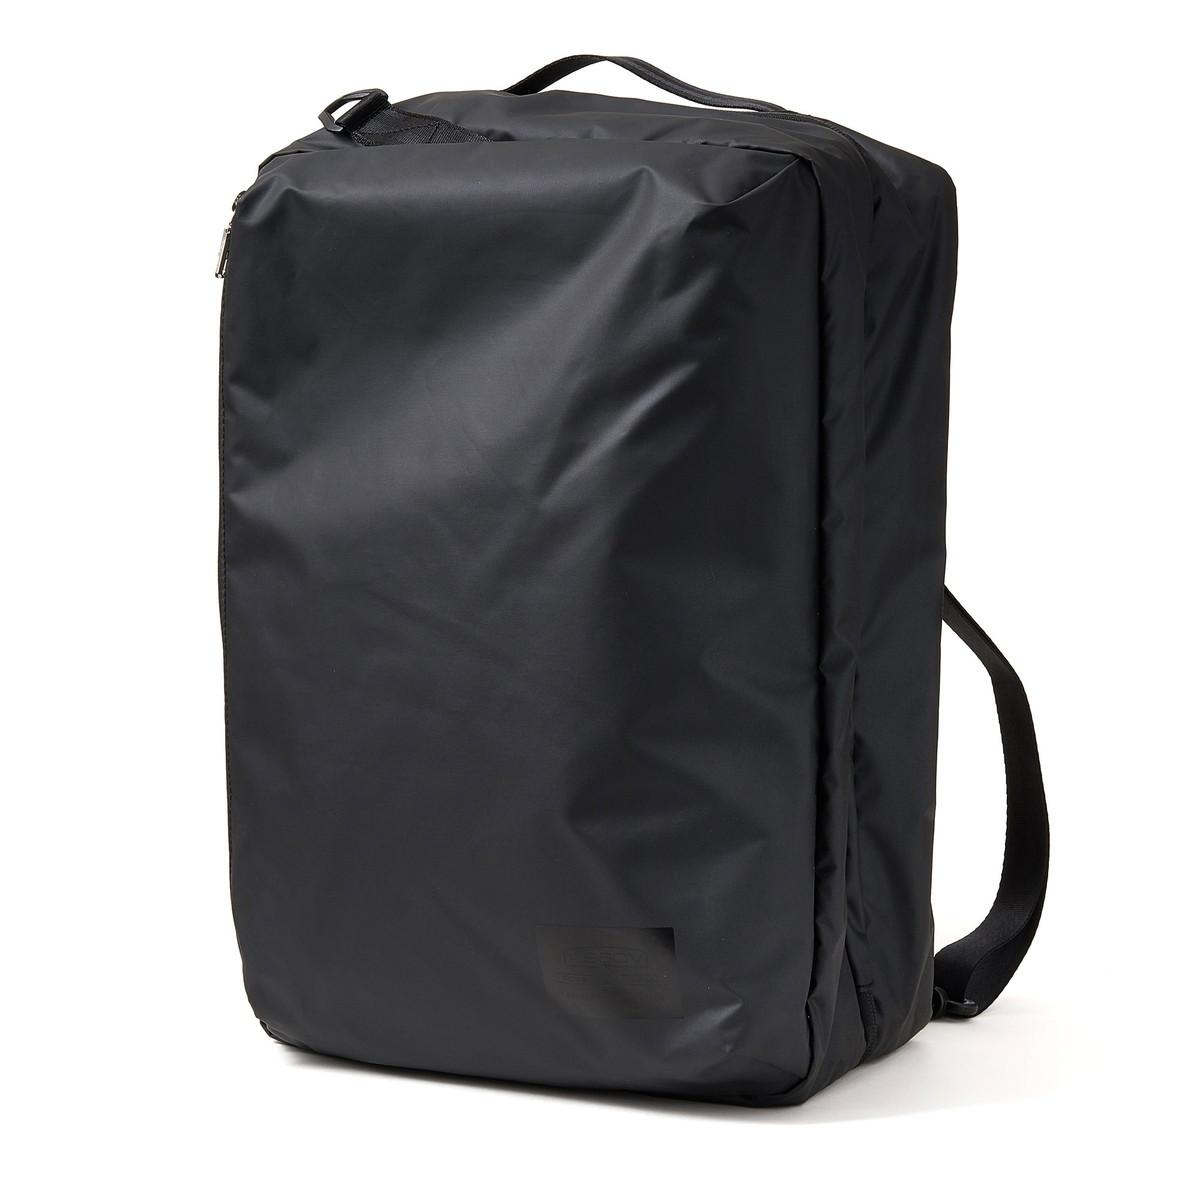 アッソブ公式通販 / AS2OV (アッソブ) トラベル リュックサック バックパック 旅行バッグ TRAVEL SERIES TRAVEL CASE 3WAY 061800